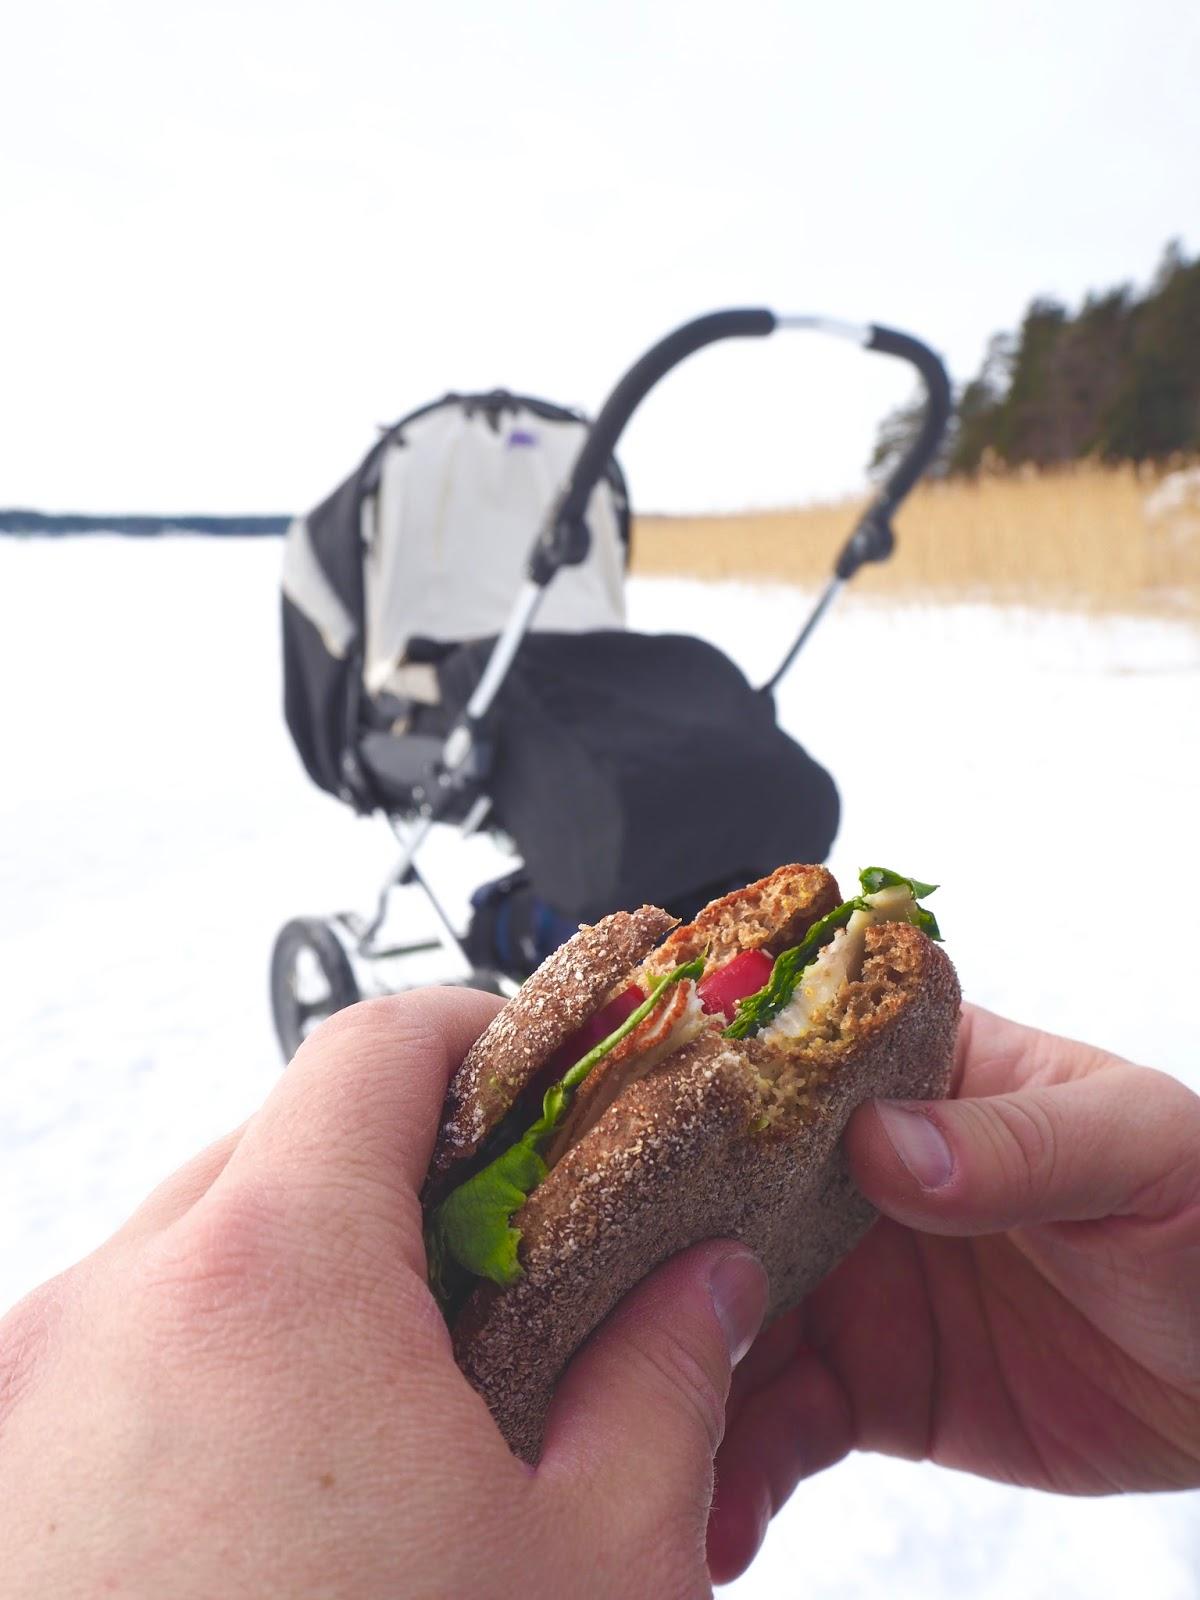 Mies syö eväitä Naantalin meren jäällä.